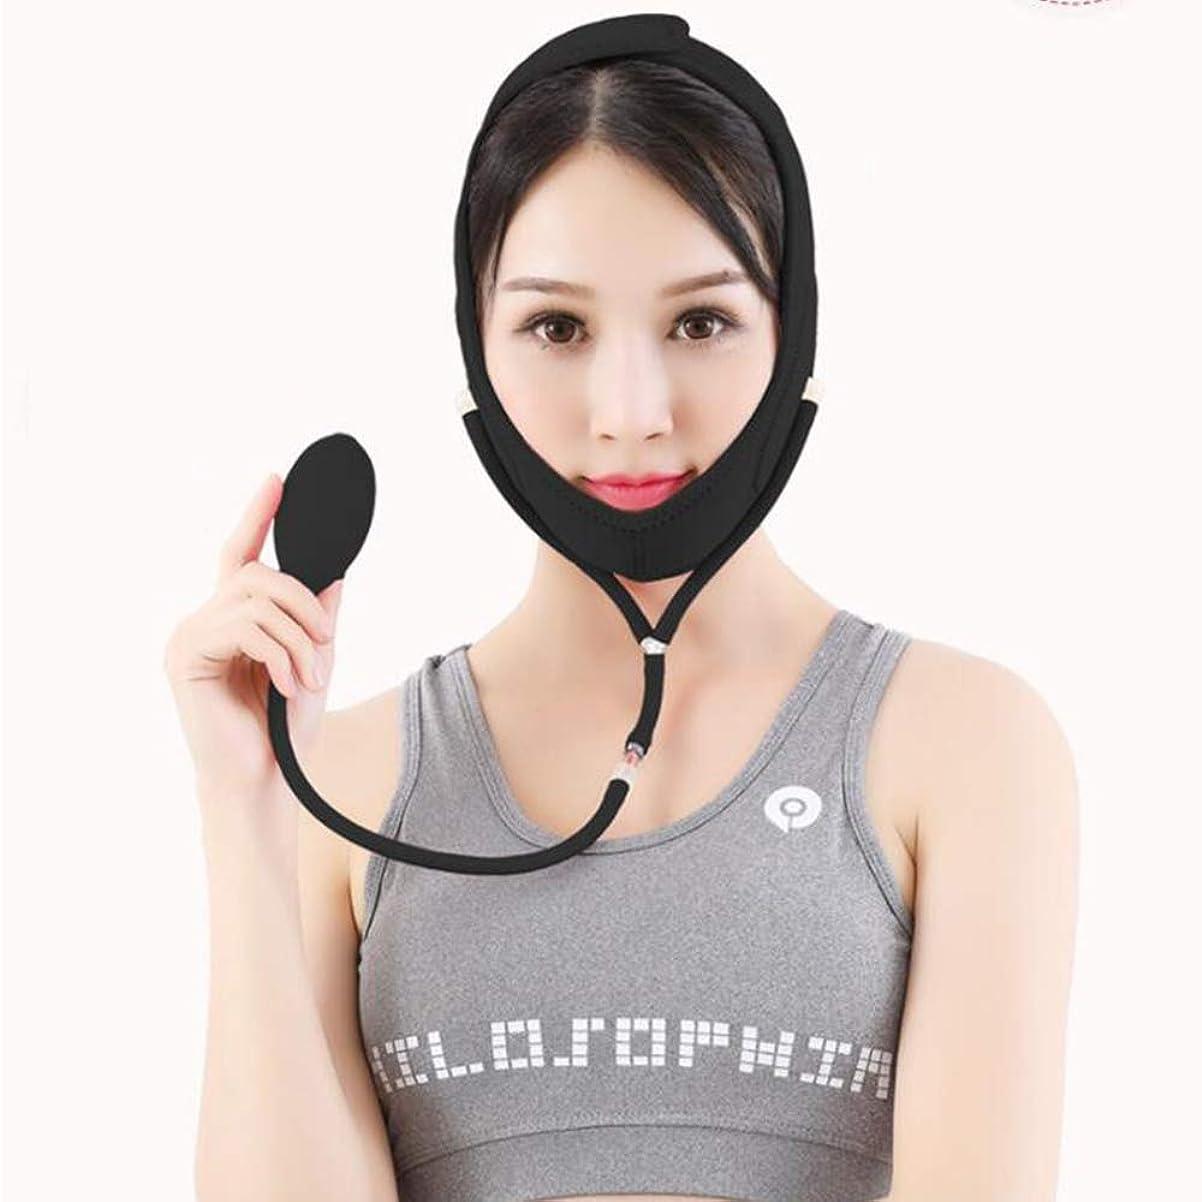 合意学者事前GYZ フェイシャルリフティング痩身ベルトダブルエアバッグ圧力調整フェイス包帯マスク整形マスクが顔を引き締める Thin Face Belt (Color : Black, Size : M)